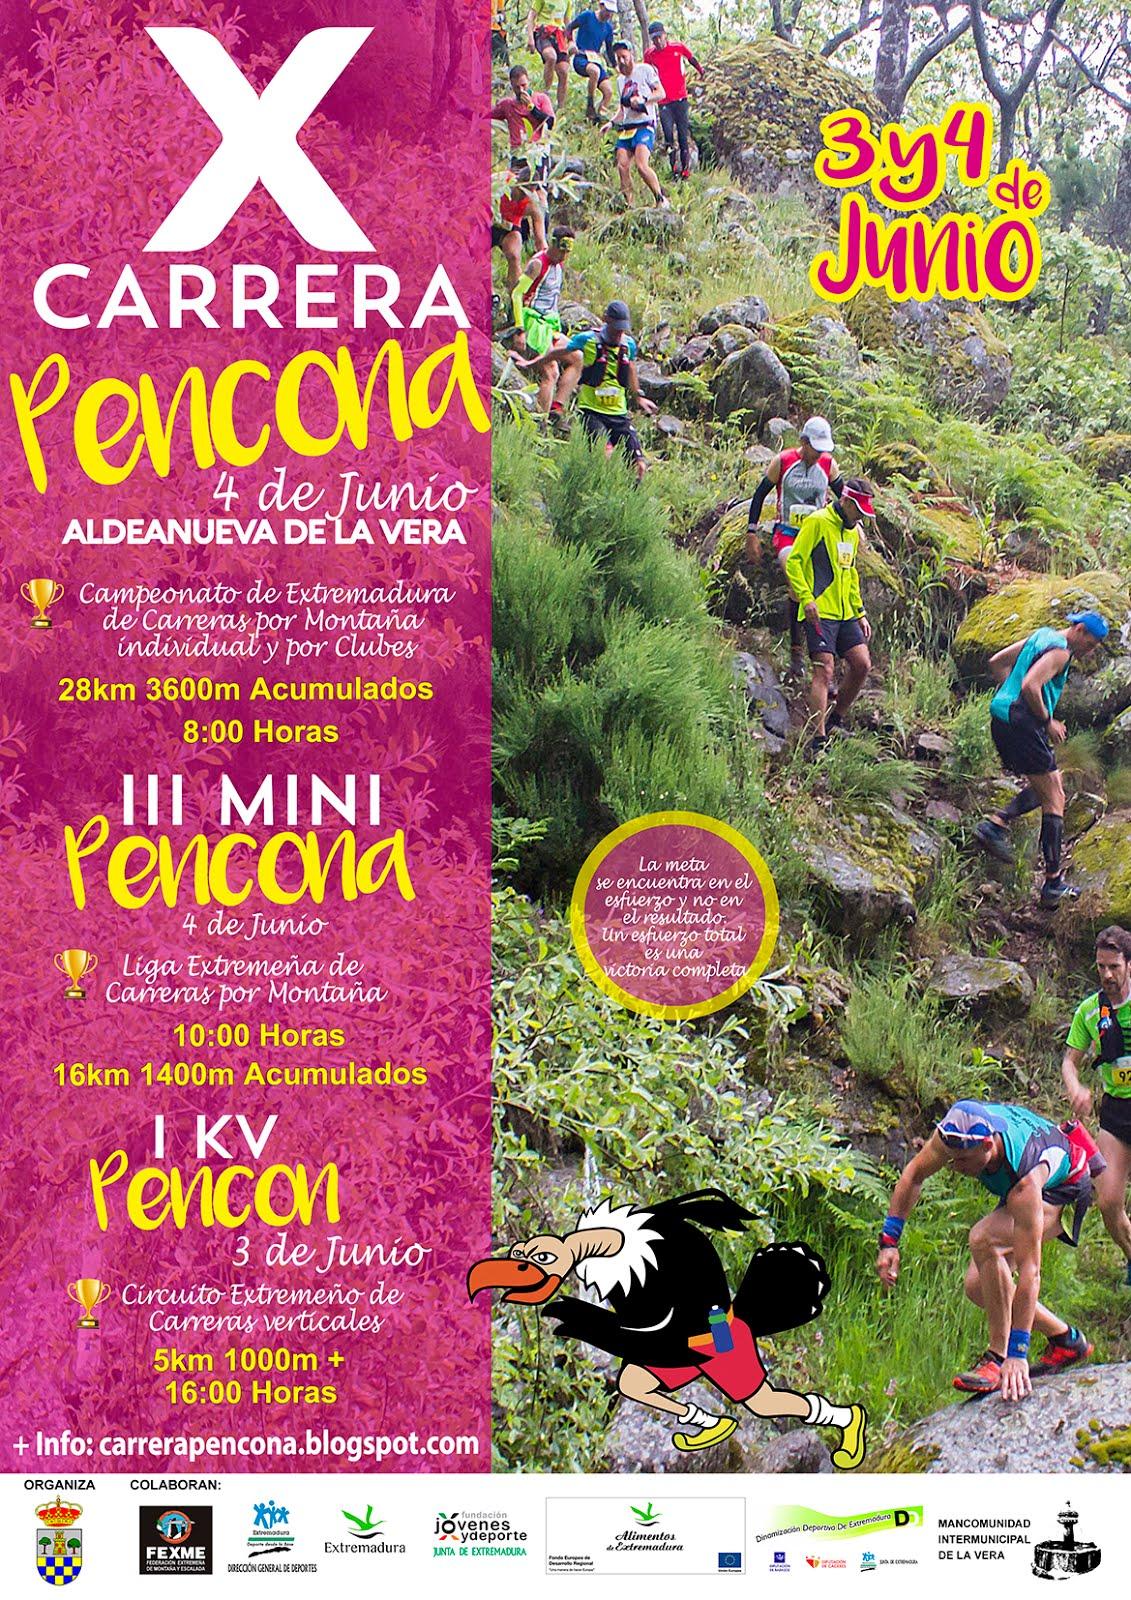 X CARRERA PENCONA Sábado 3 y Domingo 4 de Junio 2017